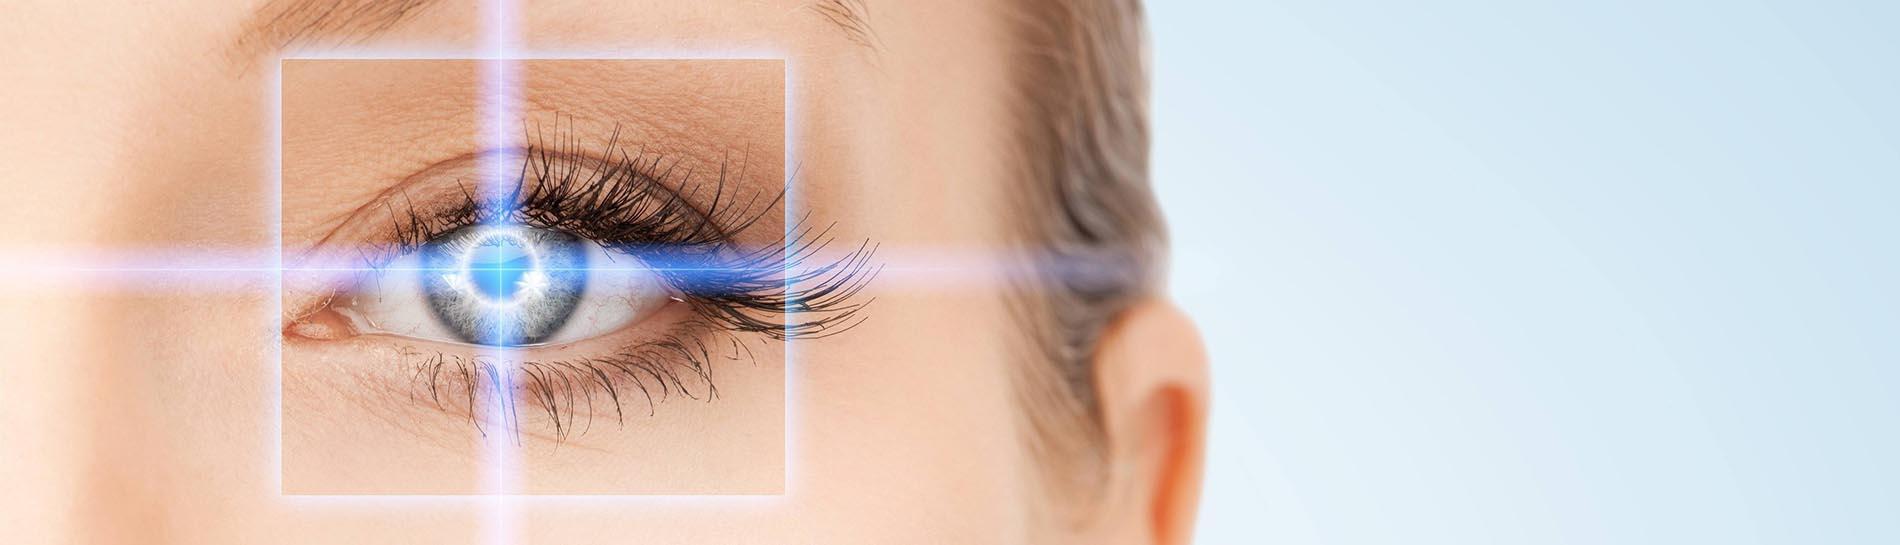 hogyan történik a látásjavítás